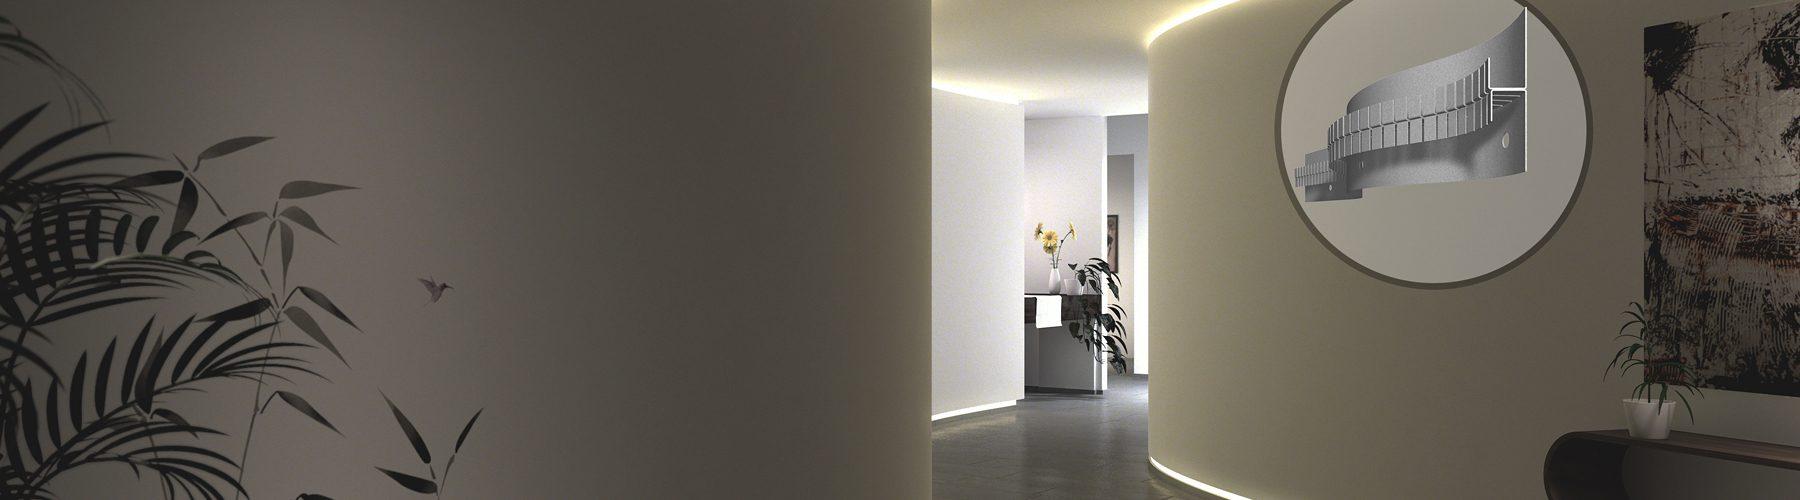 Lovely Elegante Lichtführung Für Stilvolle Raumgestaltungen